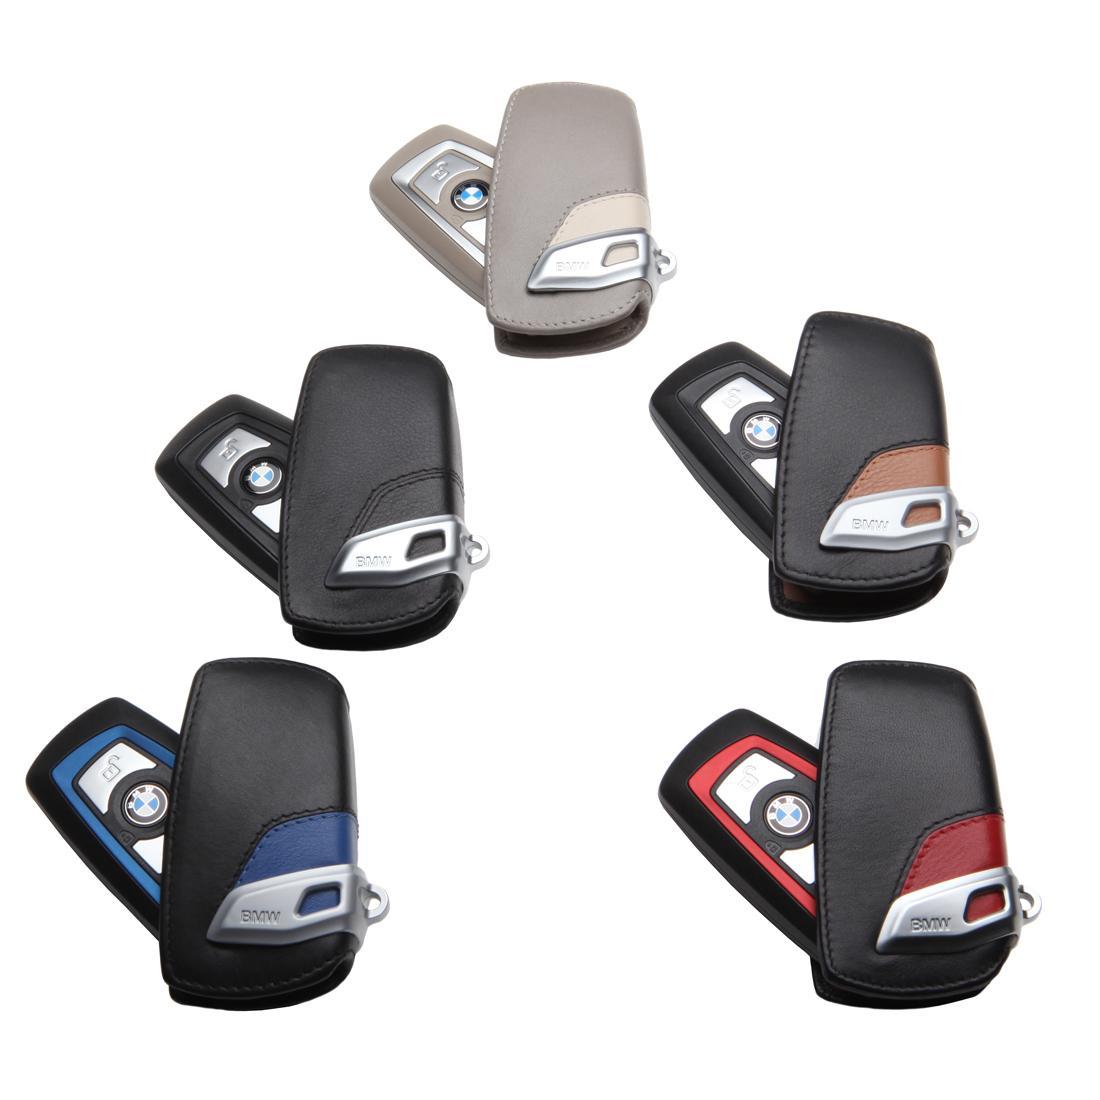 Genuine BMW 7 Series Key Ring//Key Fob